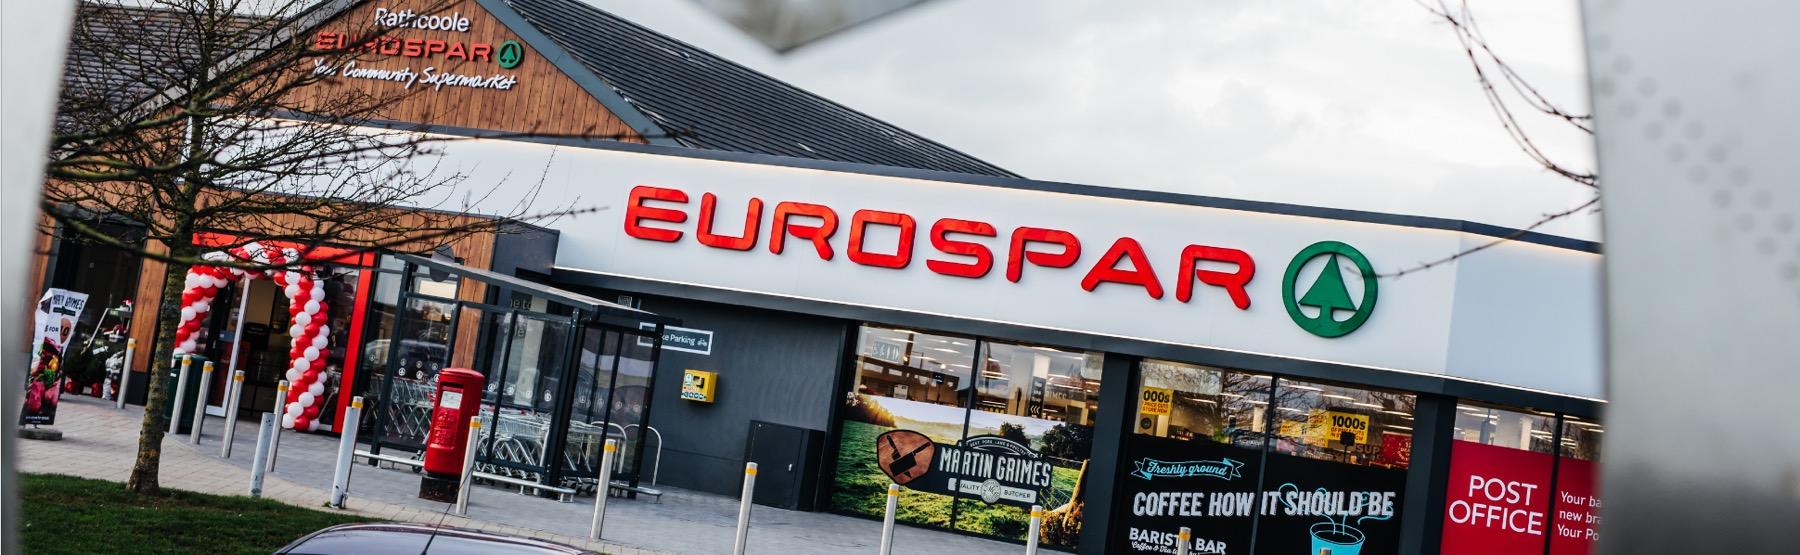 Rathcoole Eurospar